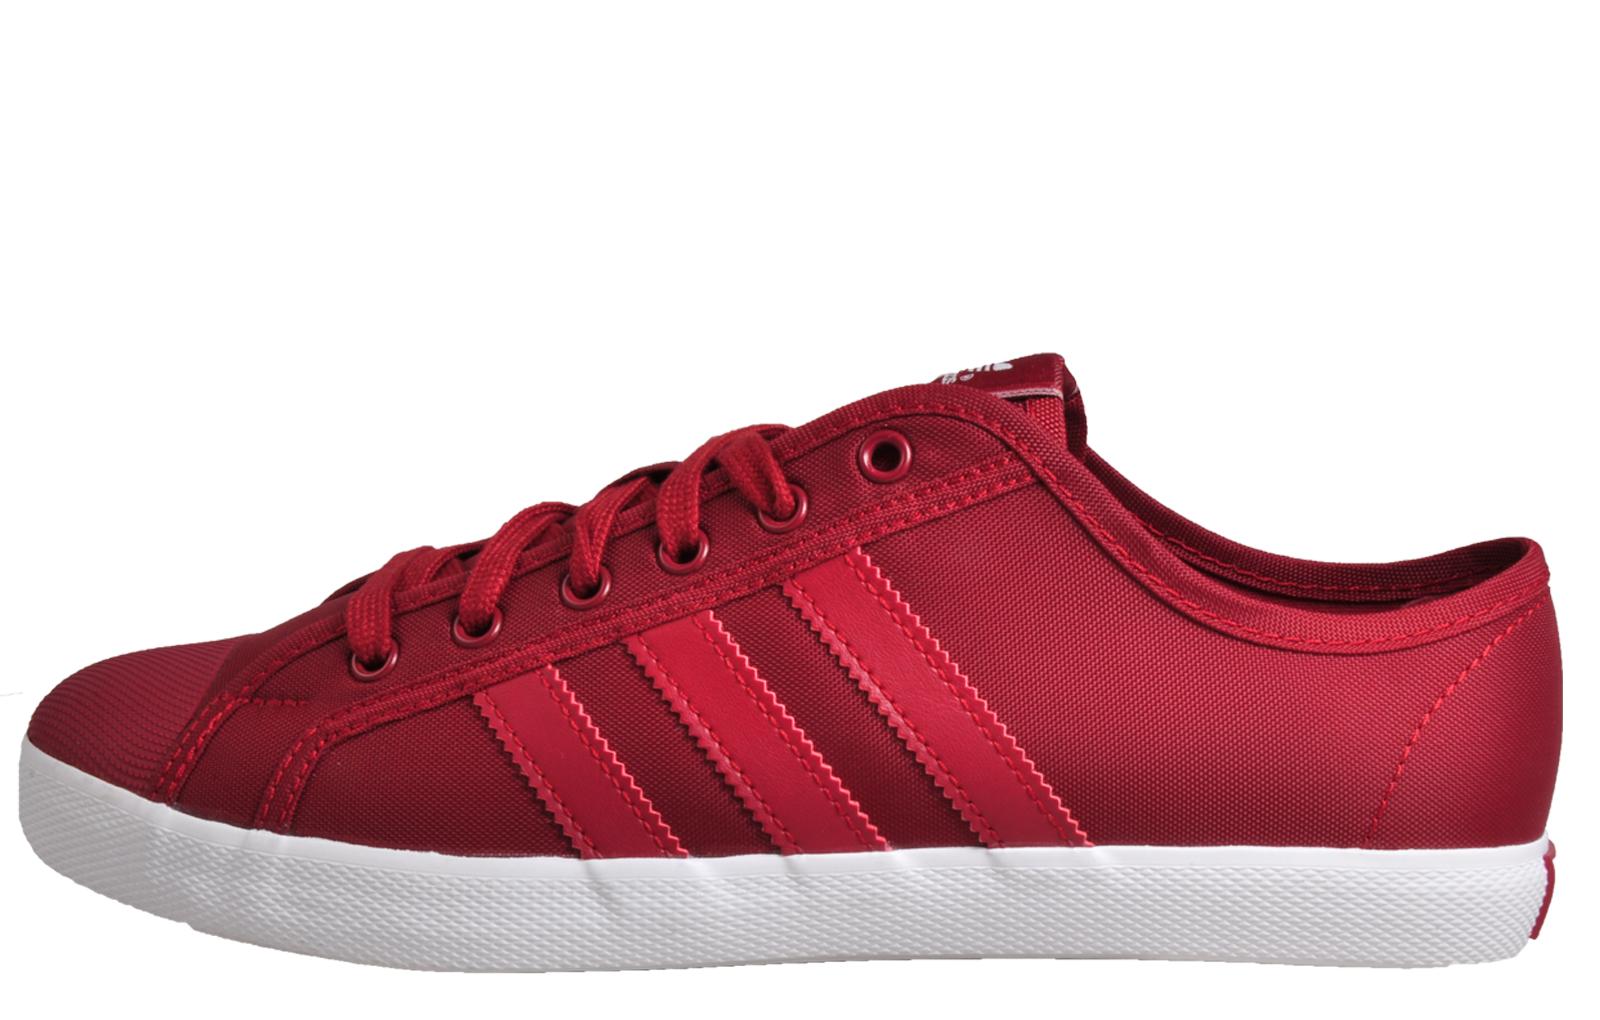 6b06432920bb Adidas Originals San Remo Mens - AD171876